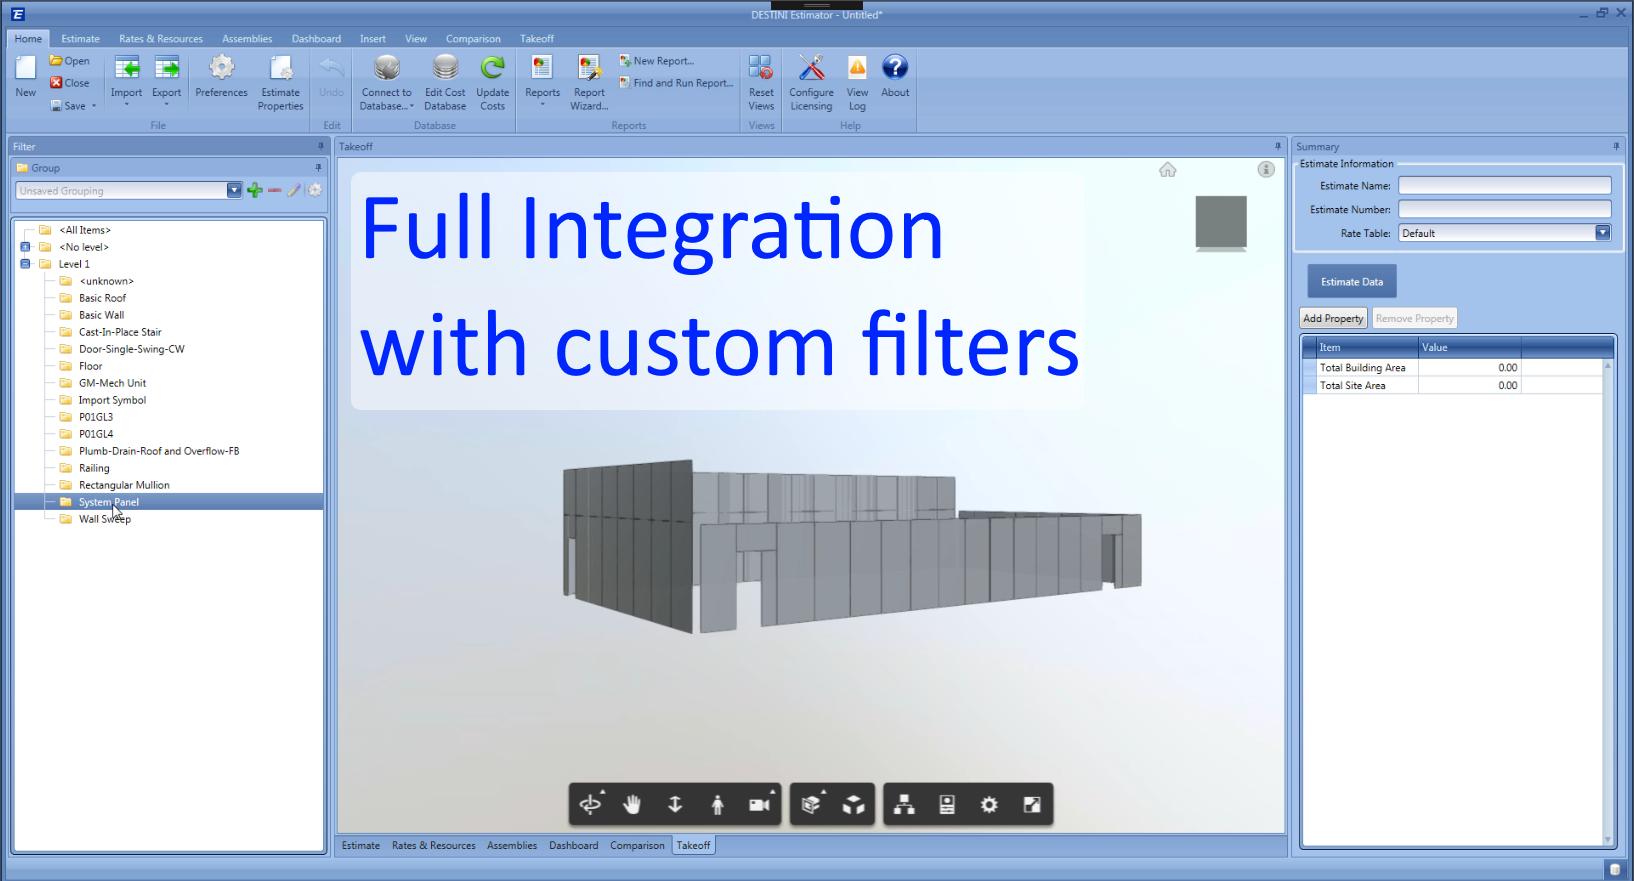 Filter Integration